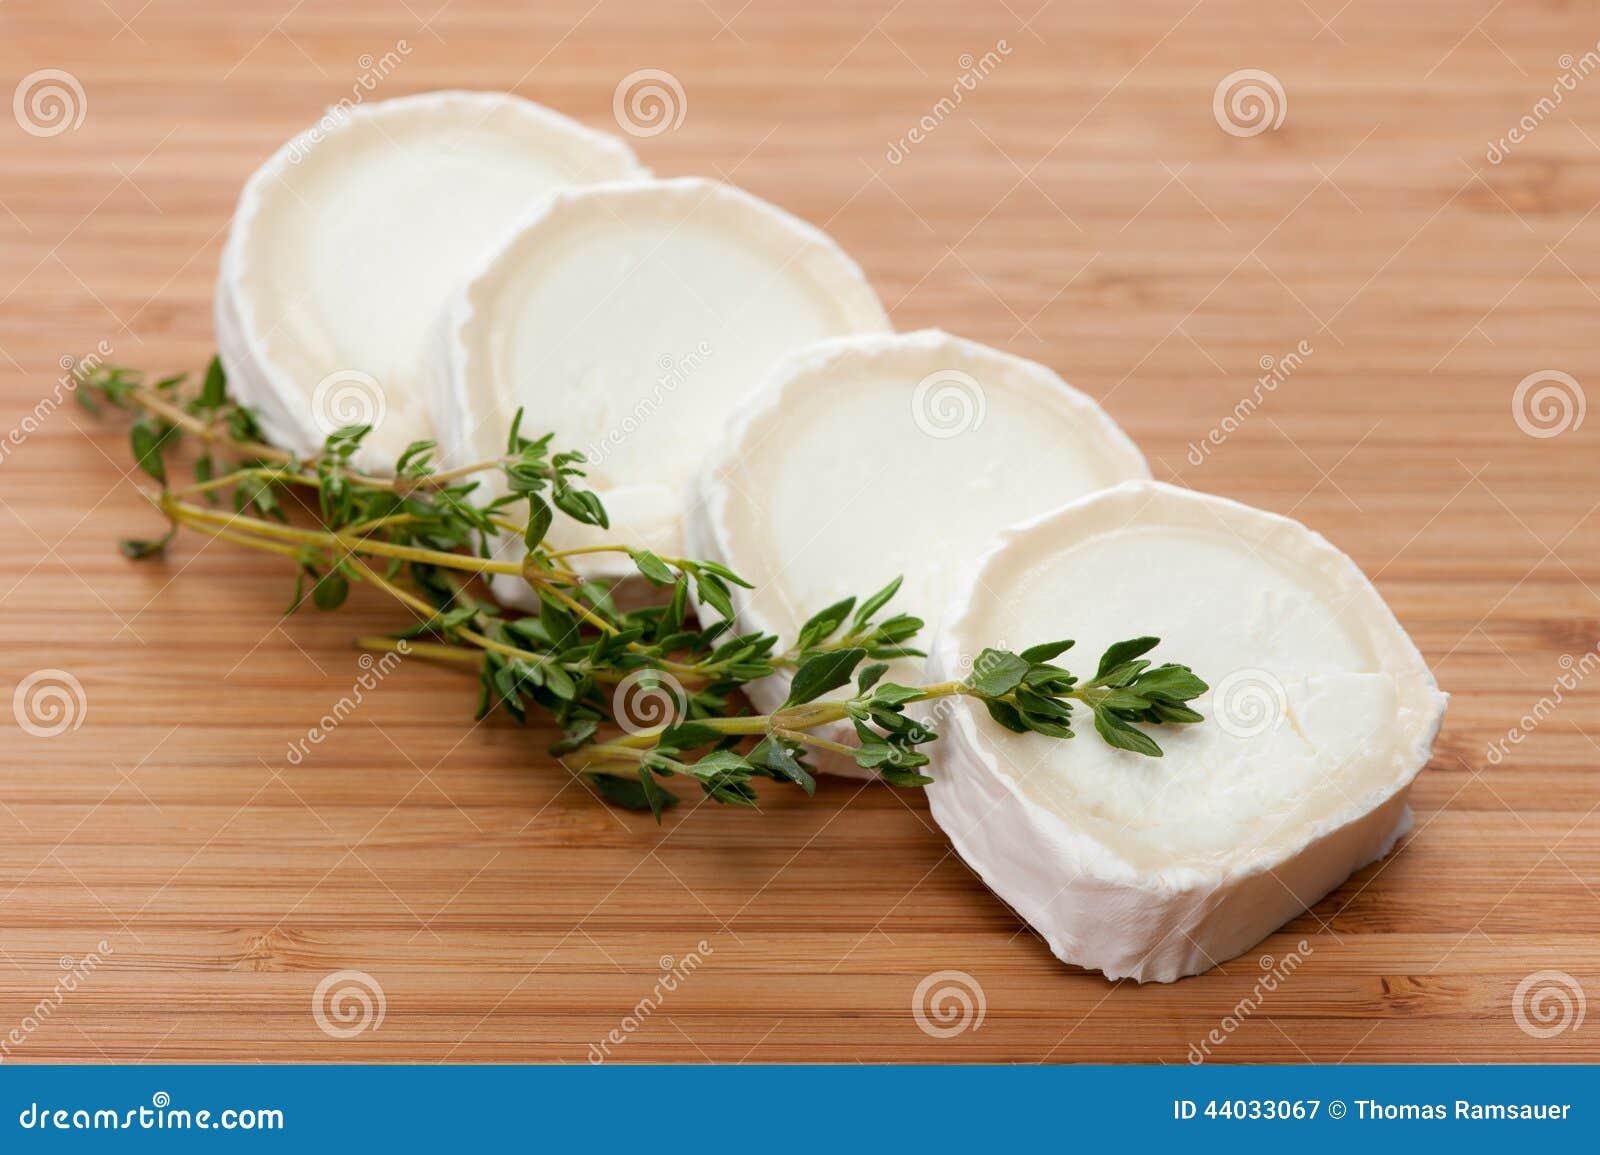 Queso de cabra con tomillo en una tabla de cortar de - Queso de cabra y colesterol ...